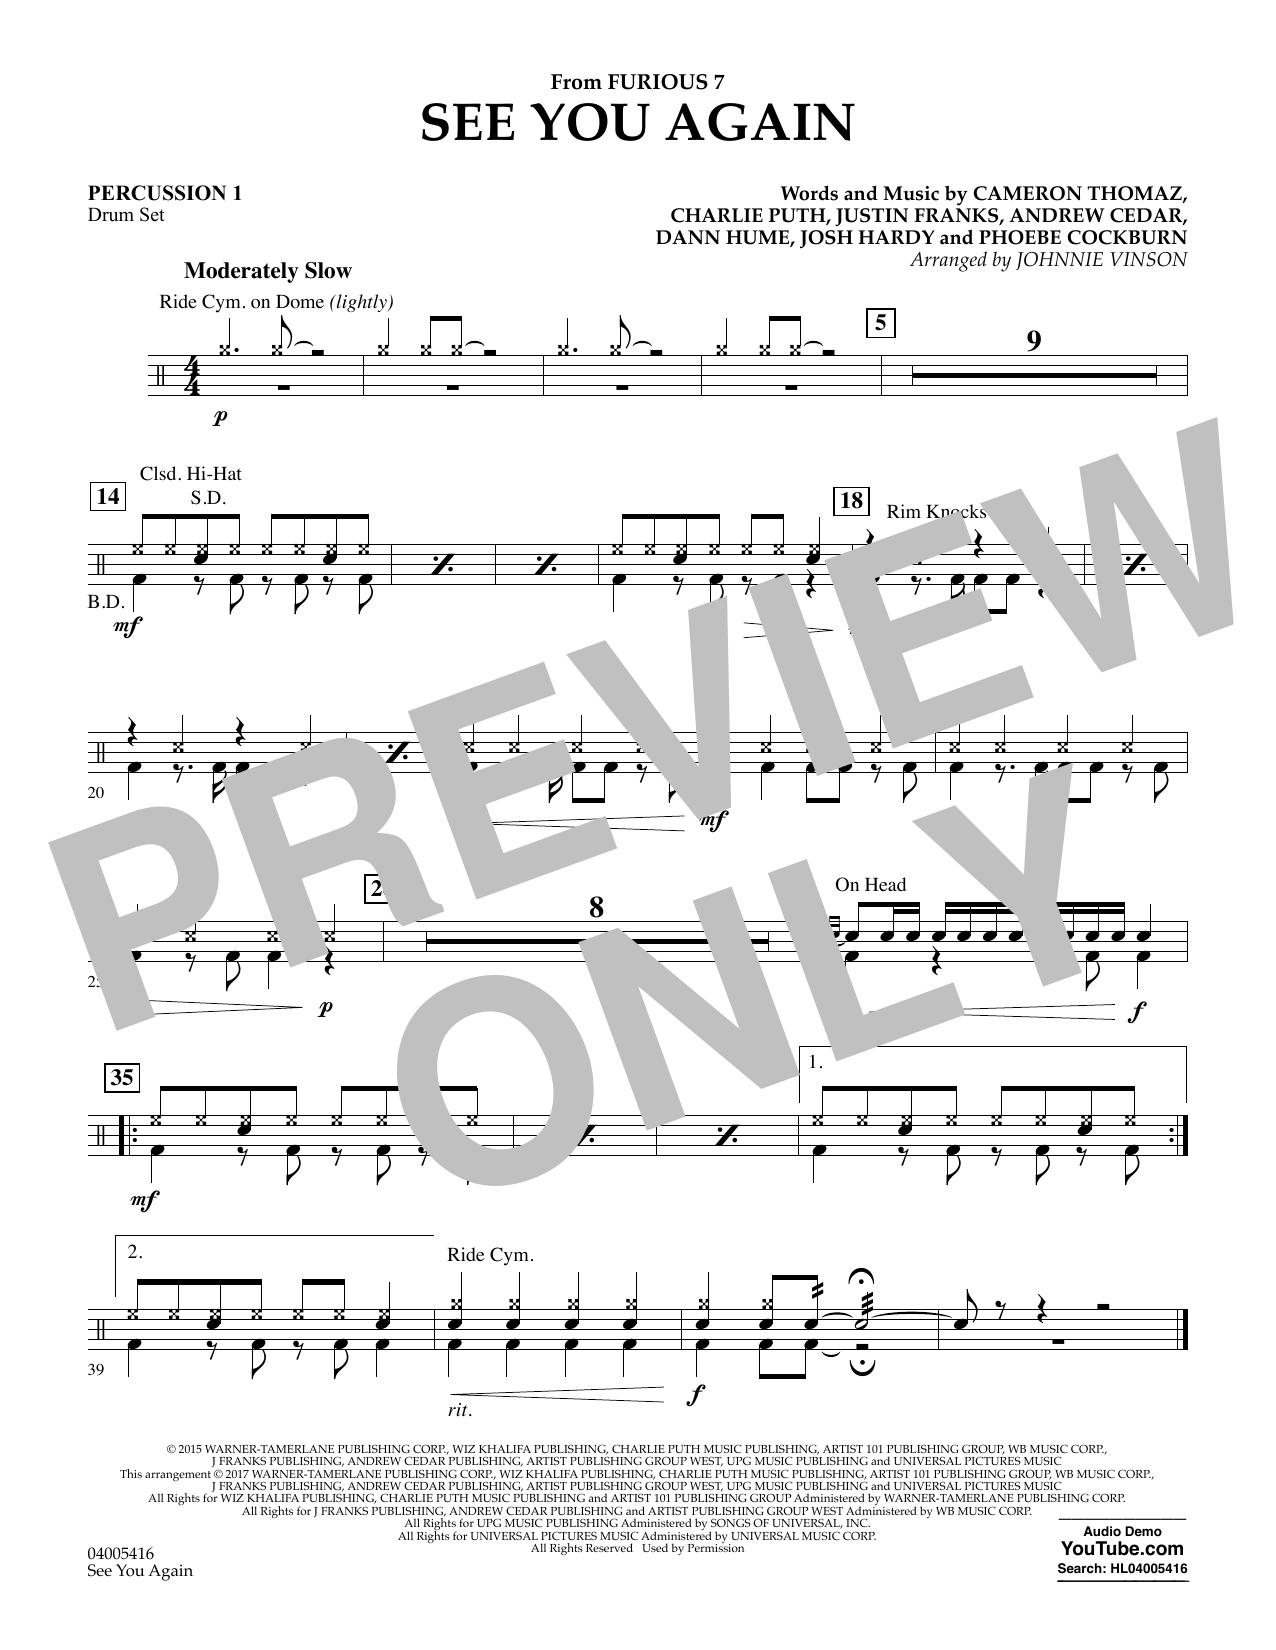 See You Again - Percussion 1 Sheet Music   Johnnie Vinson